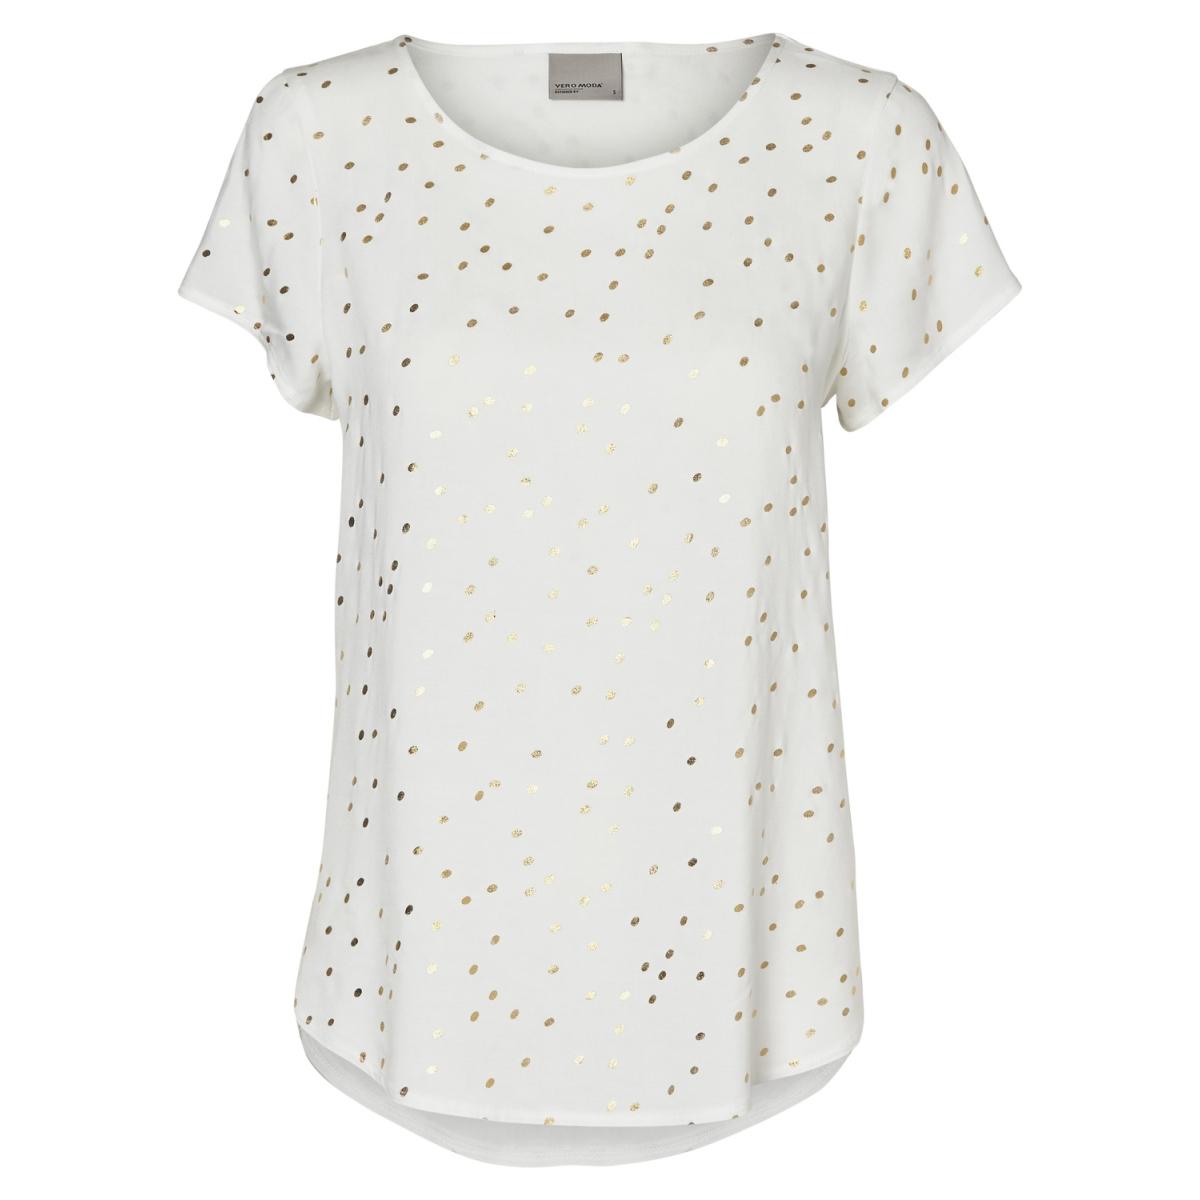 vmfoil snow s/s top nfs 10190008 vero moda t-shirt snow white / foil gold